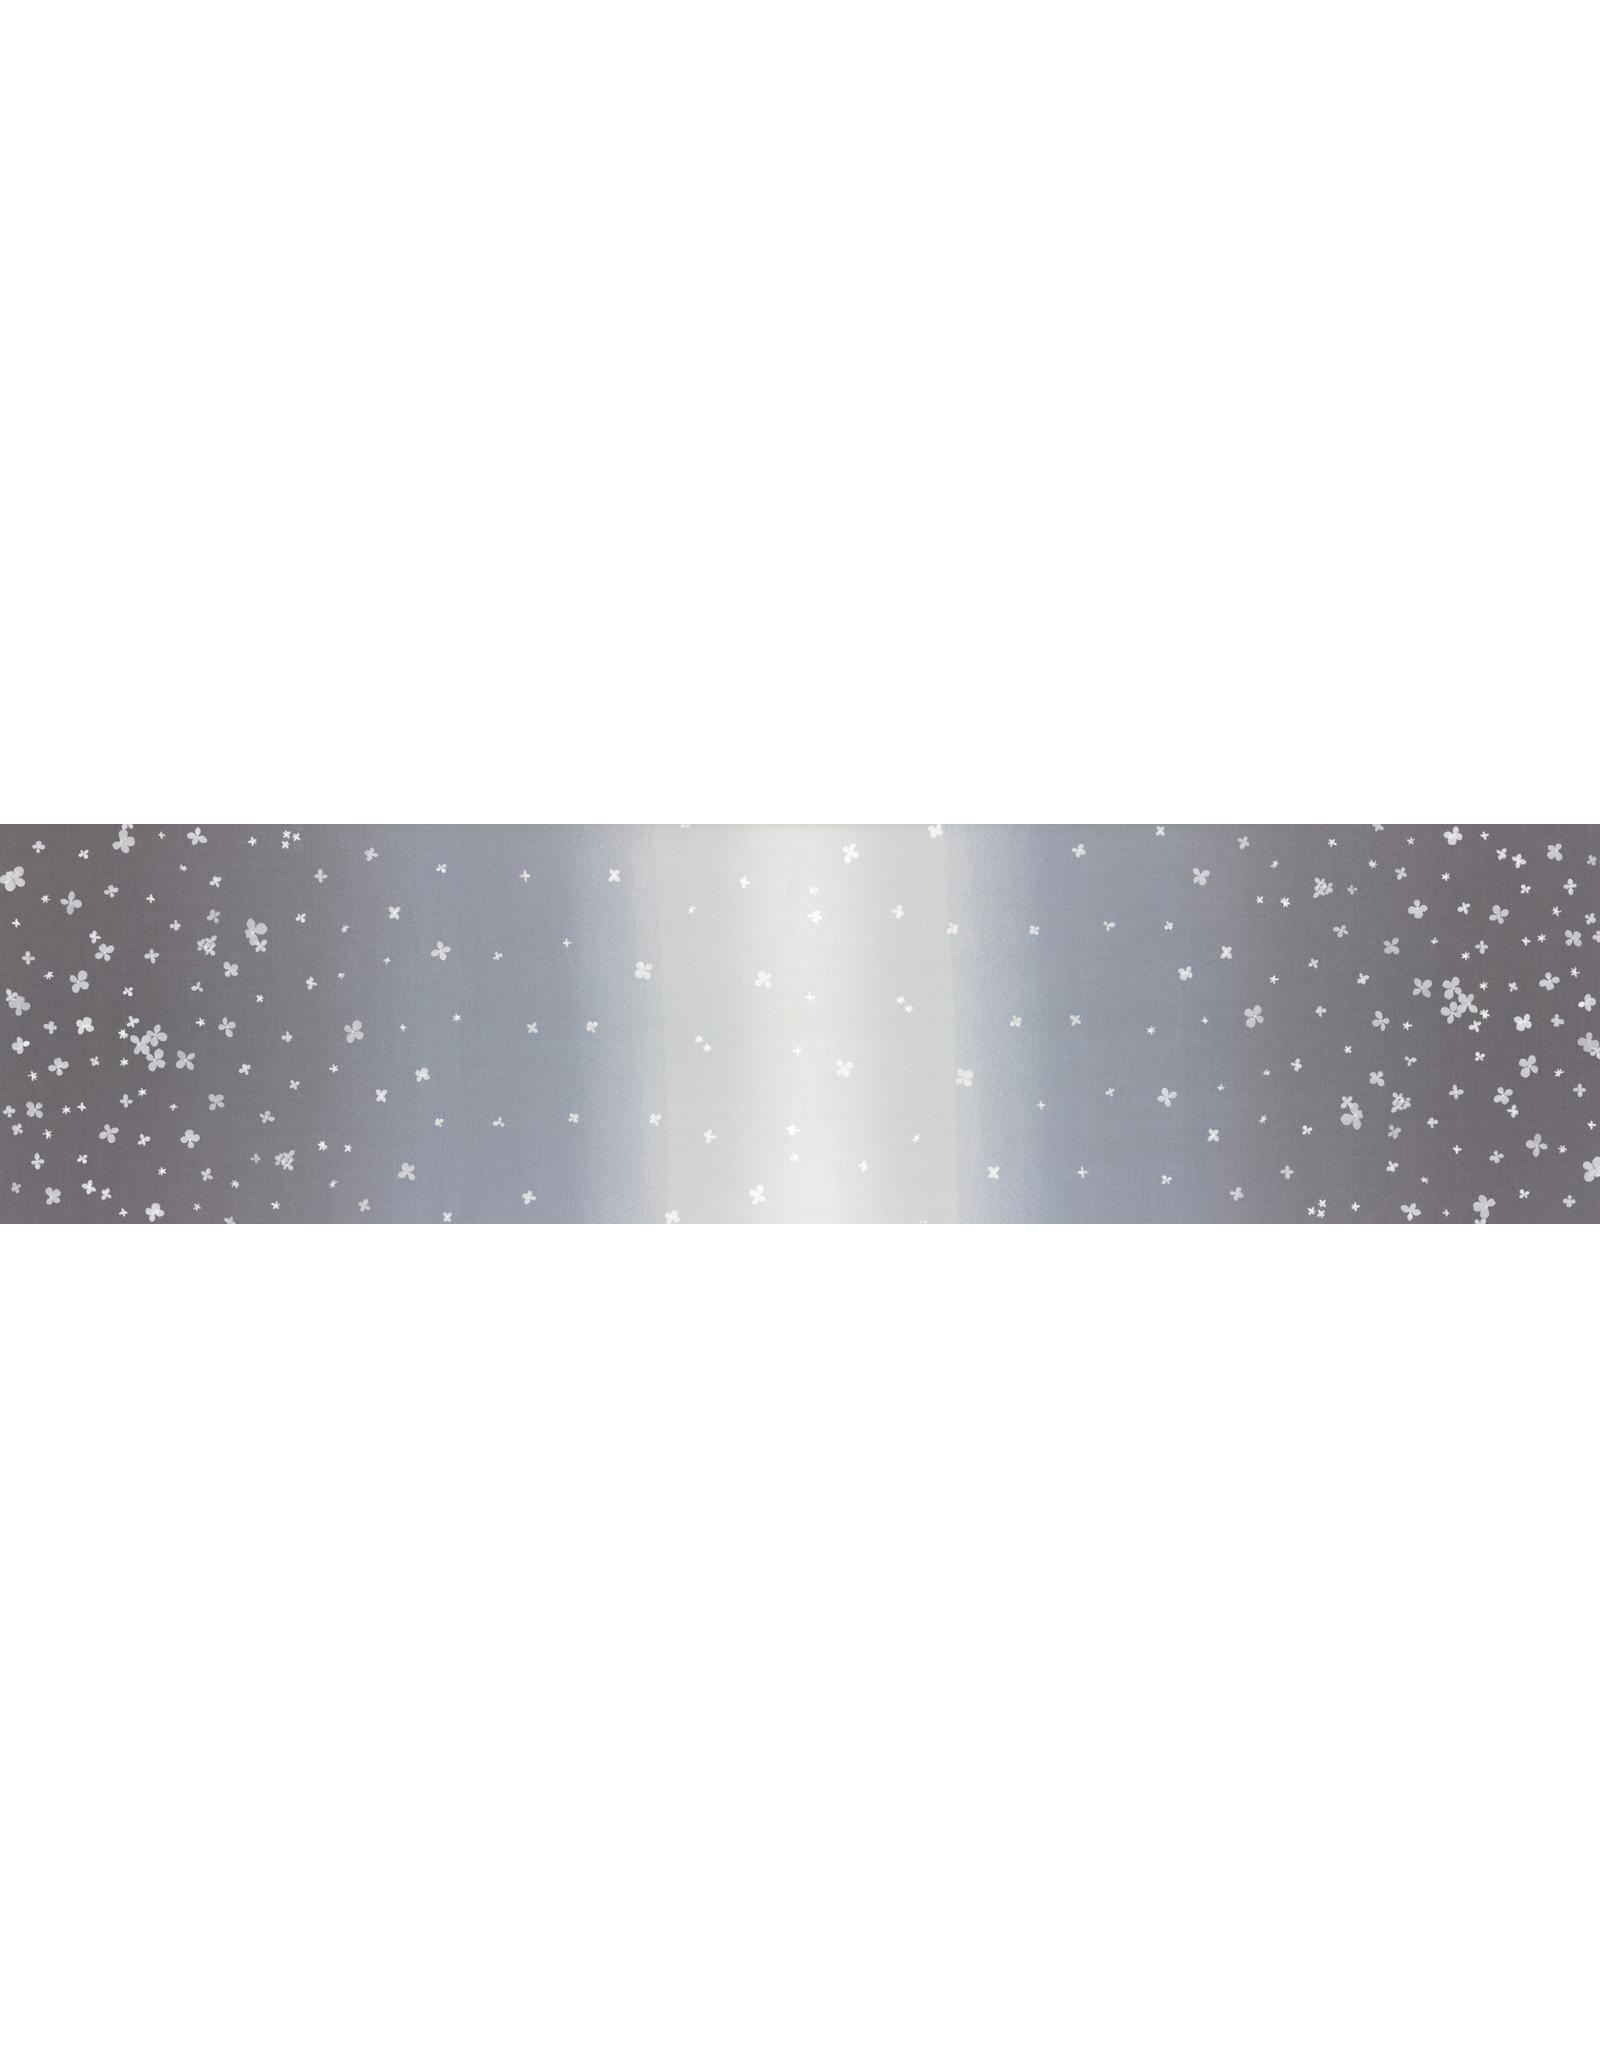 Moda Ombre Bloom - Graphite Grey